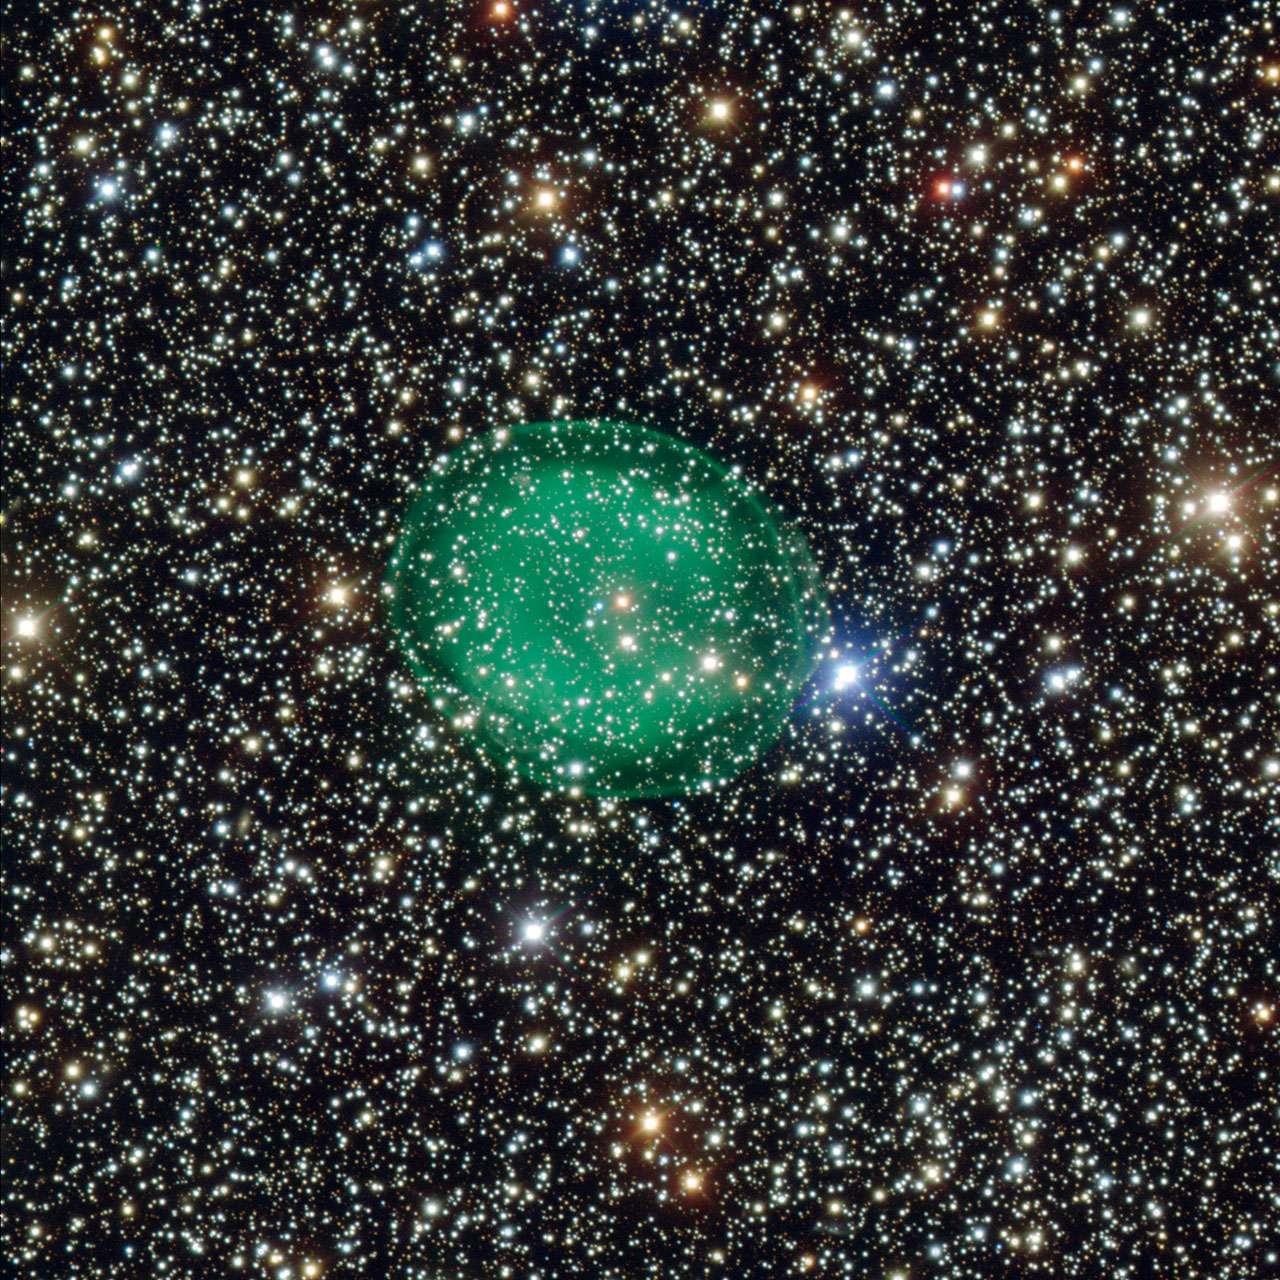 Cette étonnante image obtenue grâce au très grand télescope de l'ESO, le VLT, montre la nébuleuse planétaire verte et éclatante IC 1295 entourant une étoile de faible luminosité en fin de vie. Les restes consumés de l'étoile se situent au centre de la nébuleuse, en un point couleur bleu-blanc. © ESO